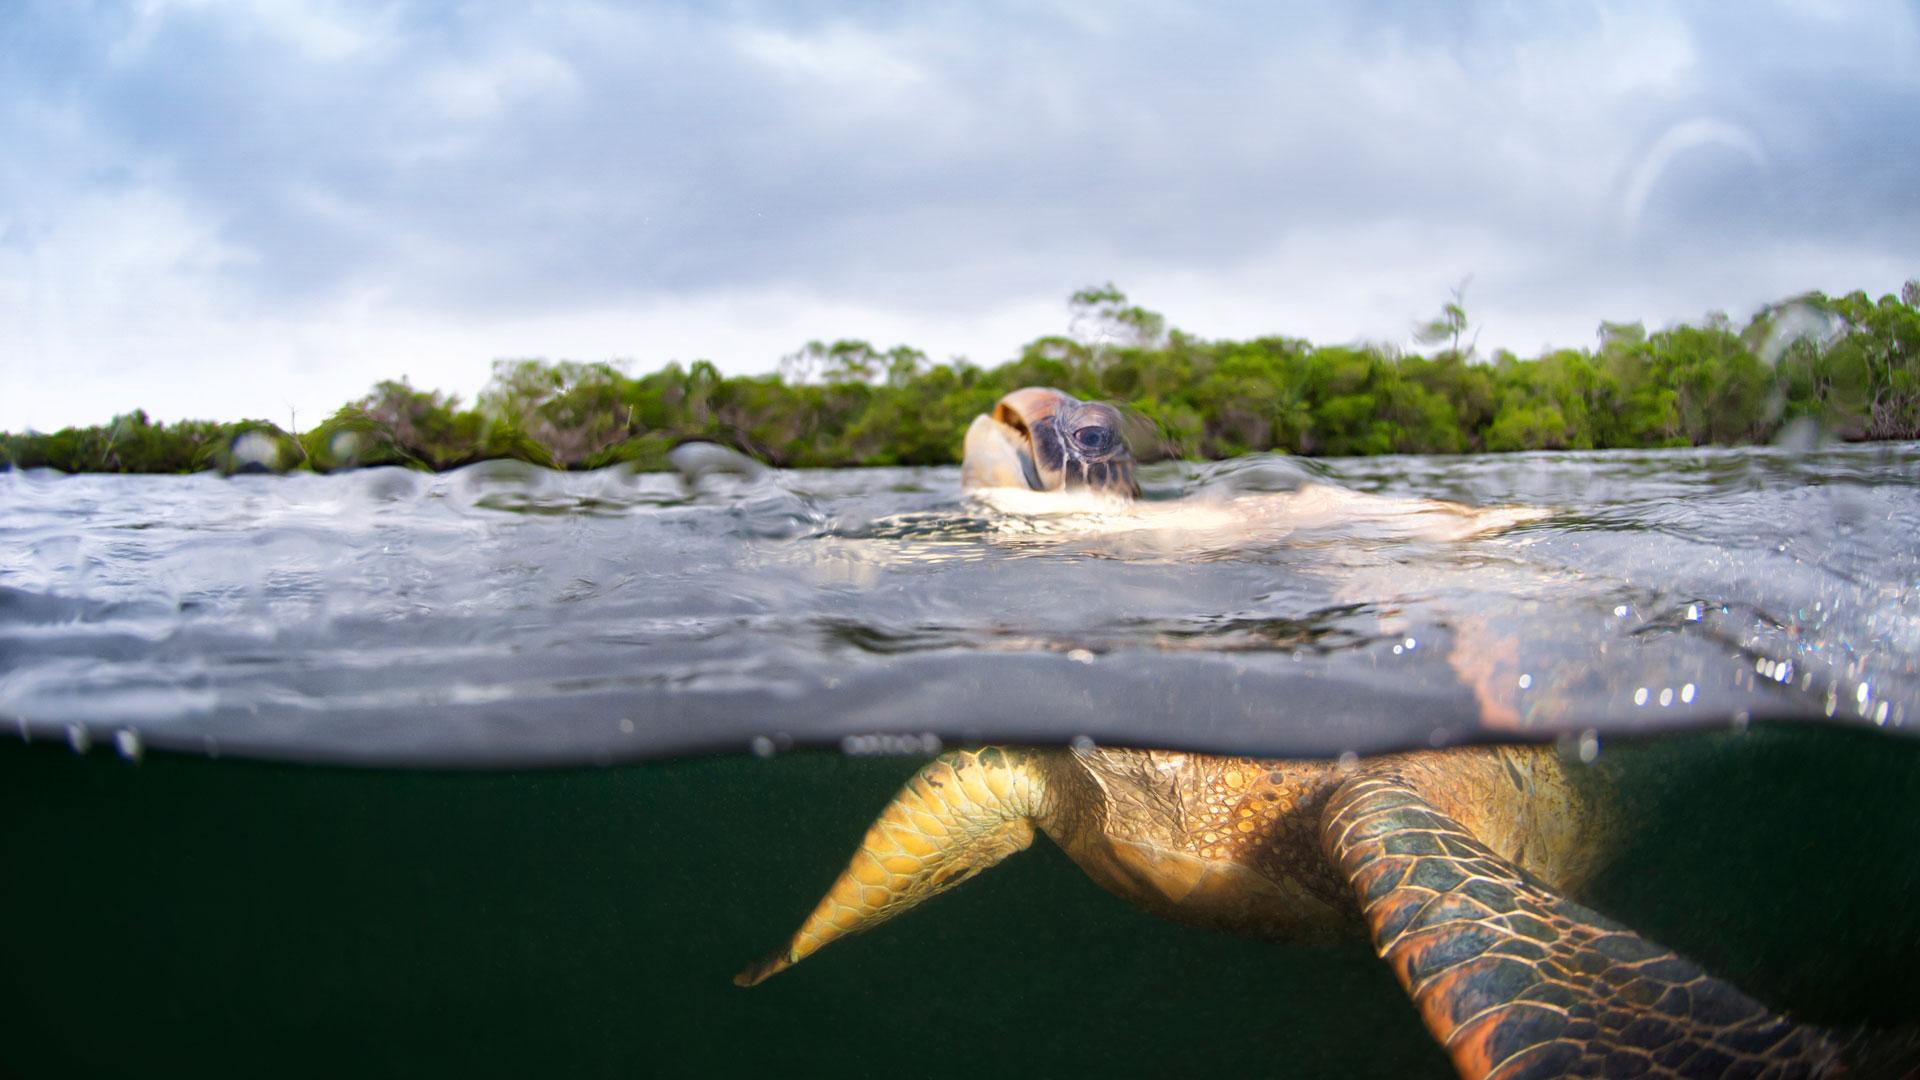 Meerschildkröte taucht auf. Wie atmen und schlafen Meeresschildkröten? 15 Fakten über die Schildkröten!